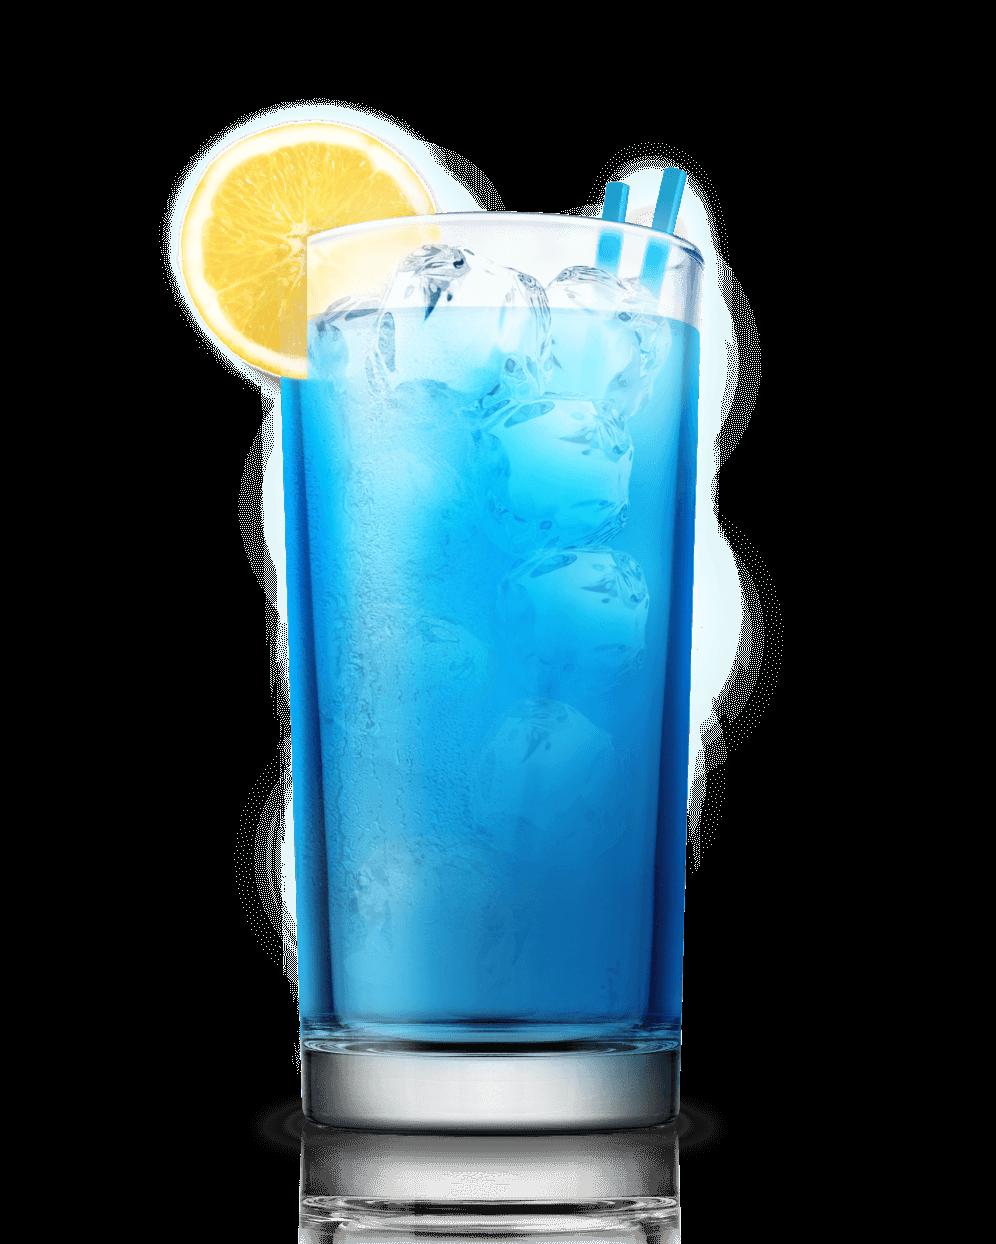 Blue Lagoon - Blue Curacao 0,5 deelVodka 1 deel = 30 ml Sprite / 7up 3 delenCitroensap van een halve citroen